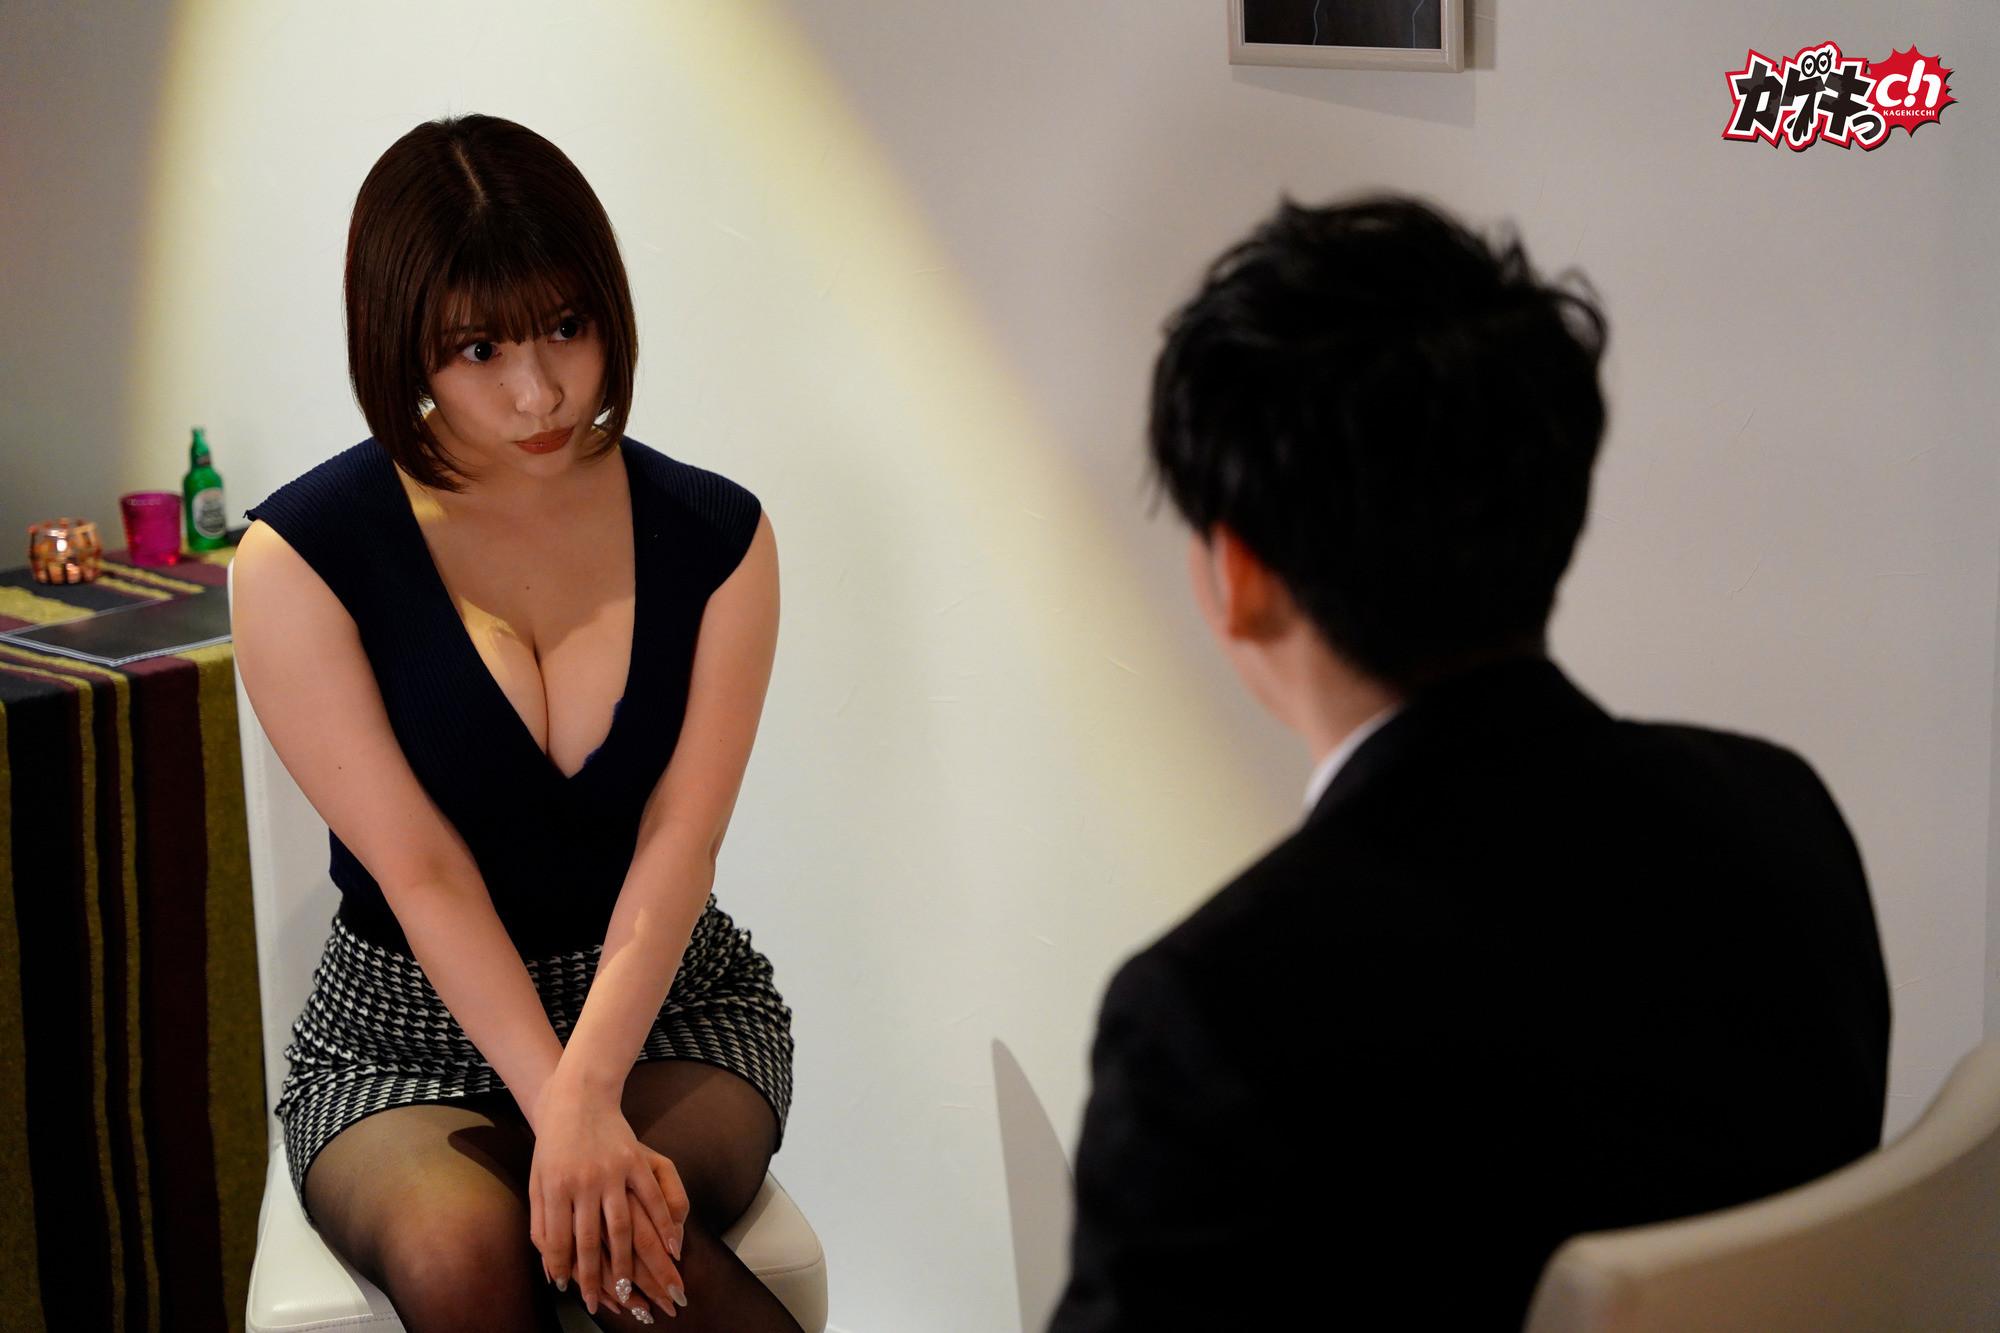 『普通のバイト面接じゃ・・・ない!?』~バーのバイトの面接はまさかのAV男優面接!?いきなりカメラの前でオナニーさせられ、エロすぎる女面接官にのせられるまま本番SEX~ 画像2